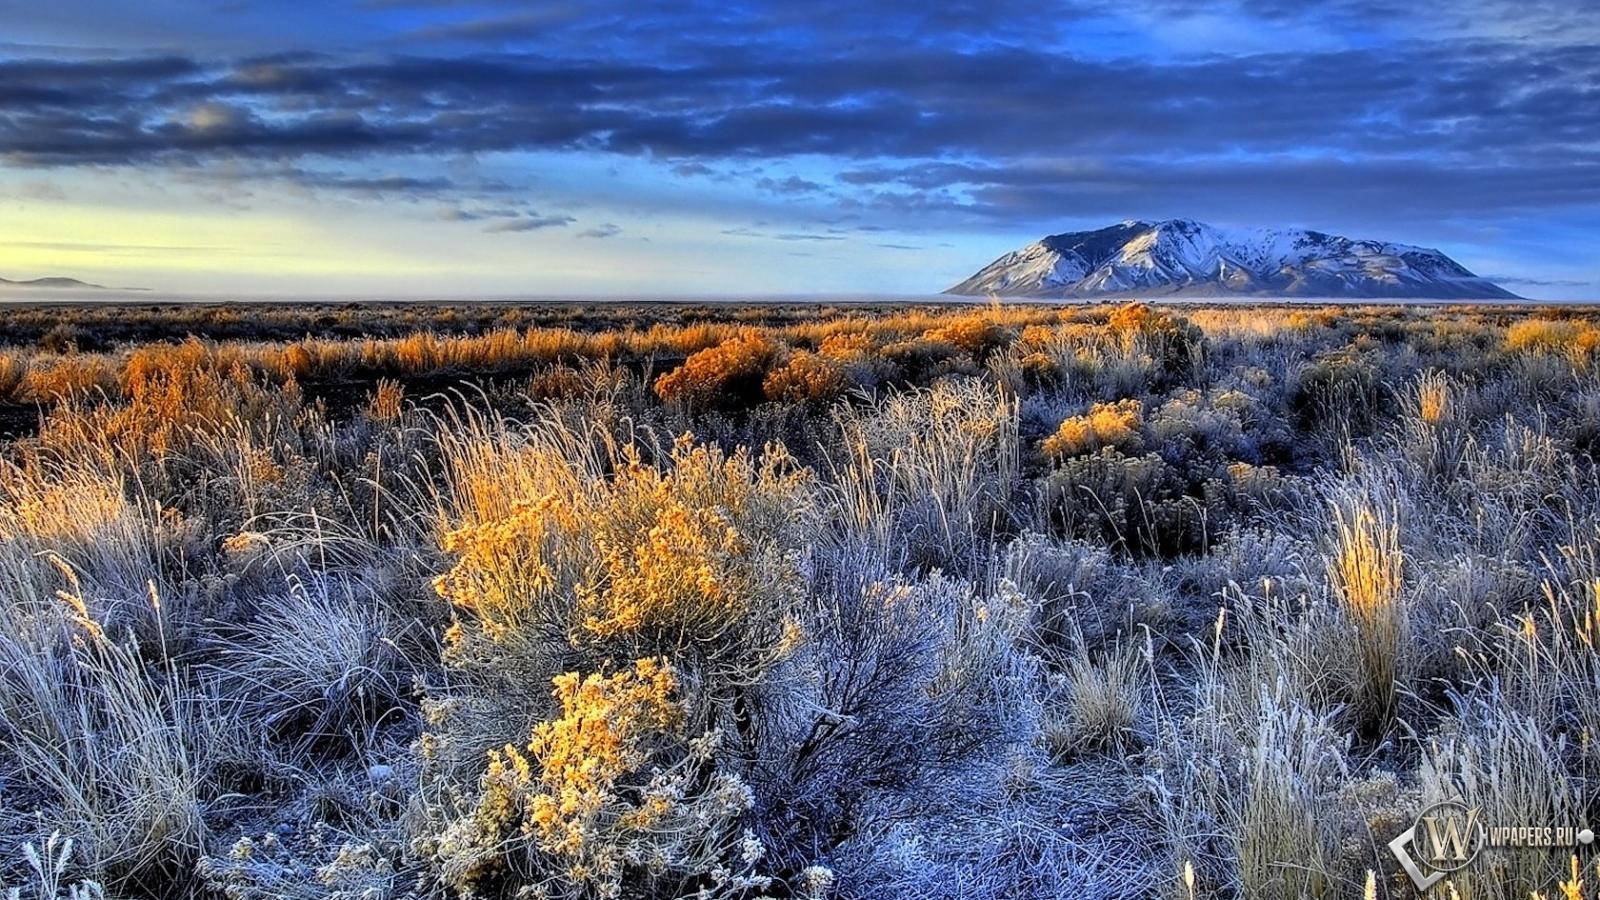 Обои красивый пейзаж горы трава